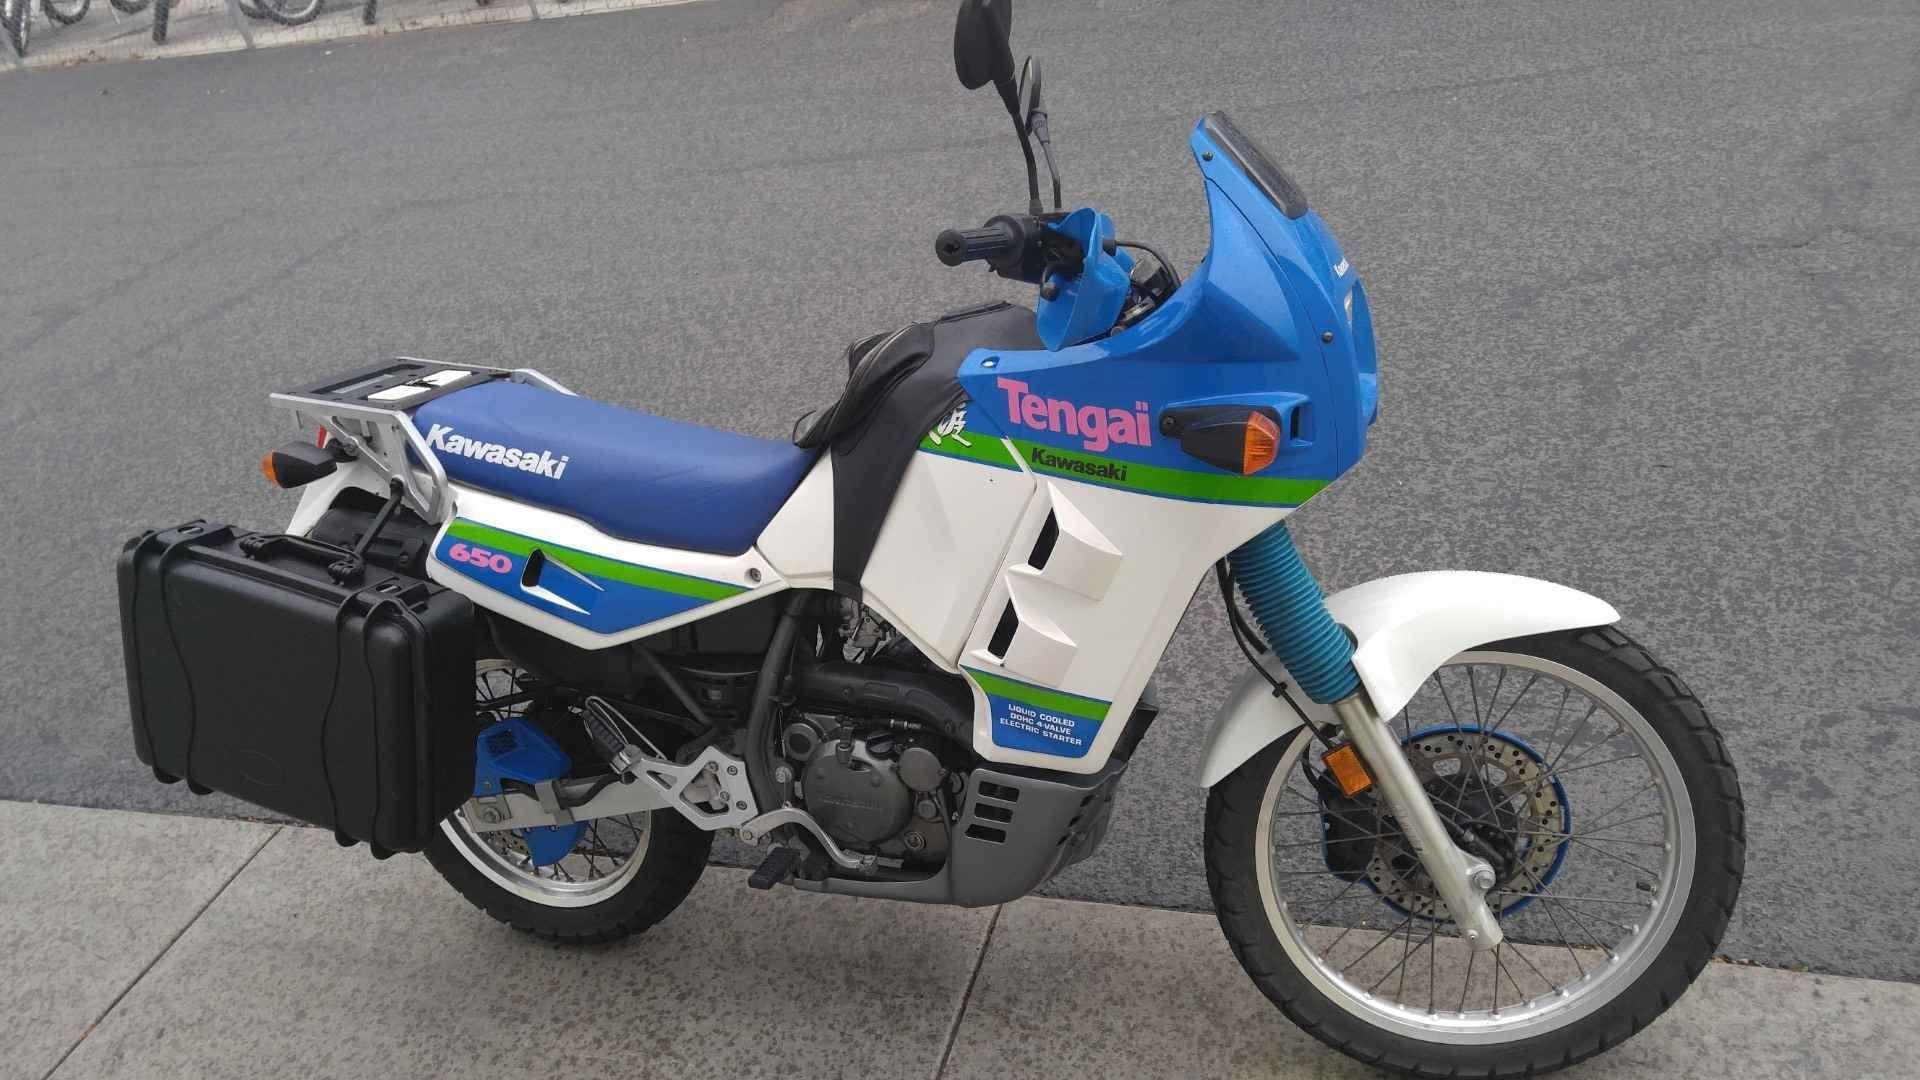 1990 Kawasaki KL650 Kawasaki motorcycles, Kawasaki